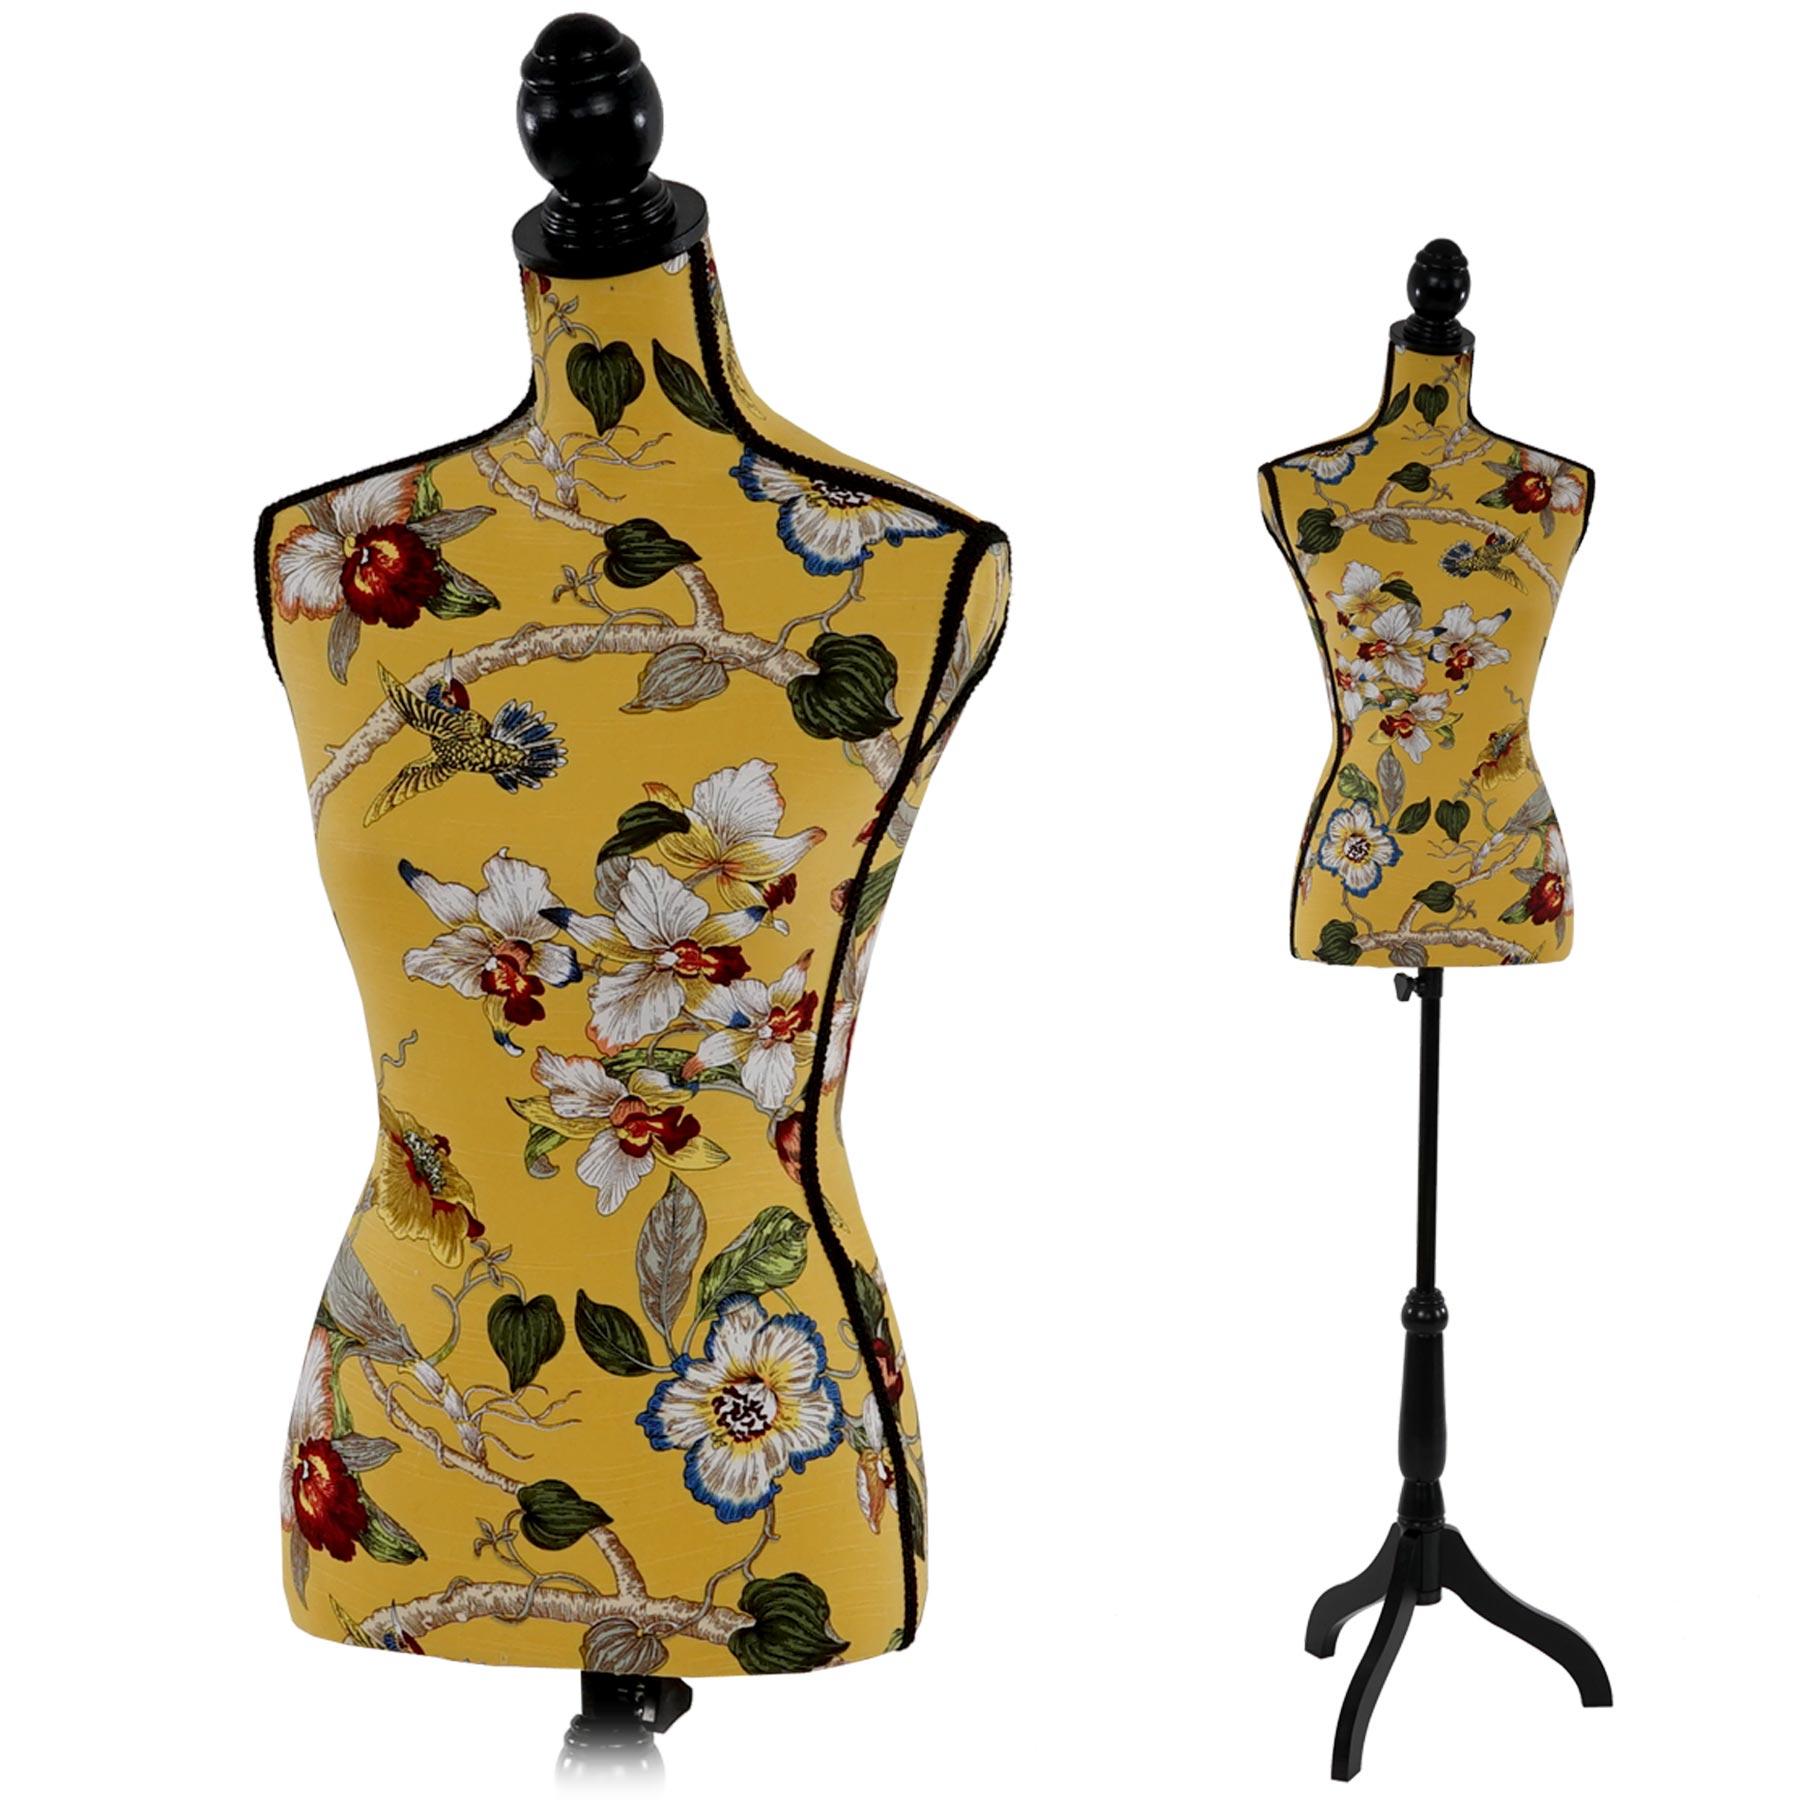 schneiderpuppe t222 schaufensterpuppe torso weiblich fiberglas schaumstoff ebay. Black Bedroom Furniture Sets. Home Design Ideas